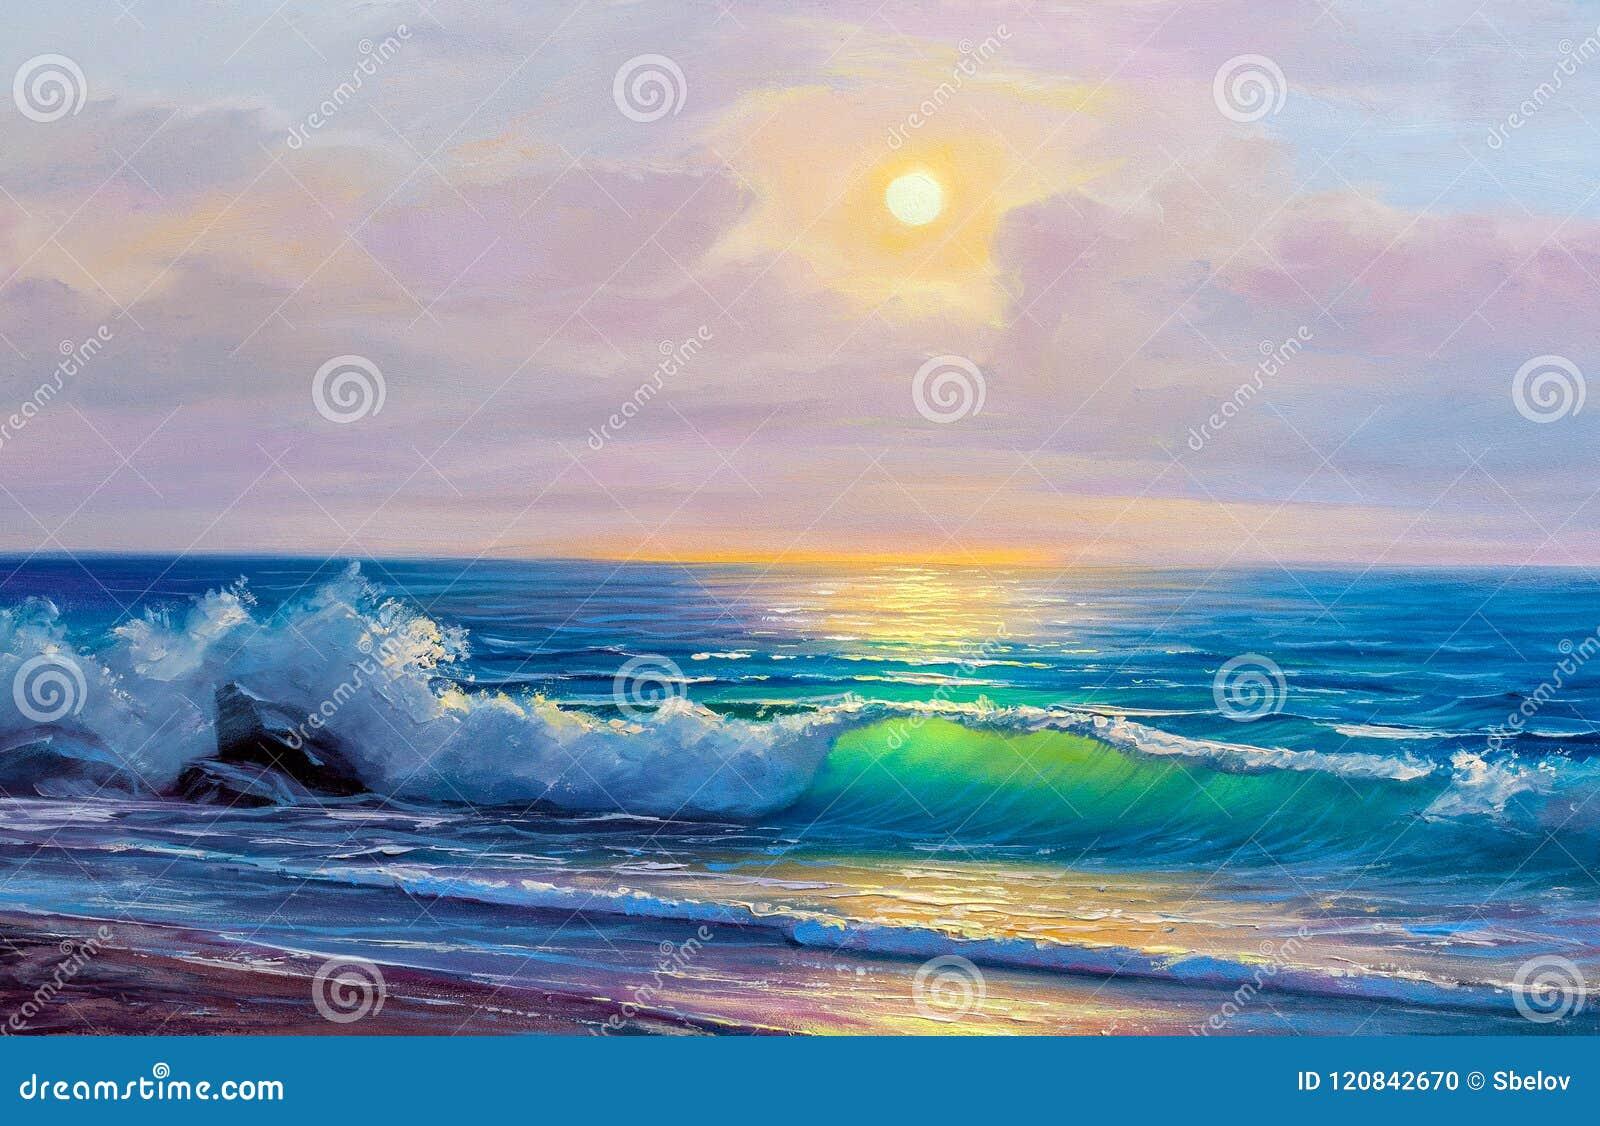 Obraz olejny morze na kanwie